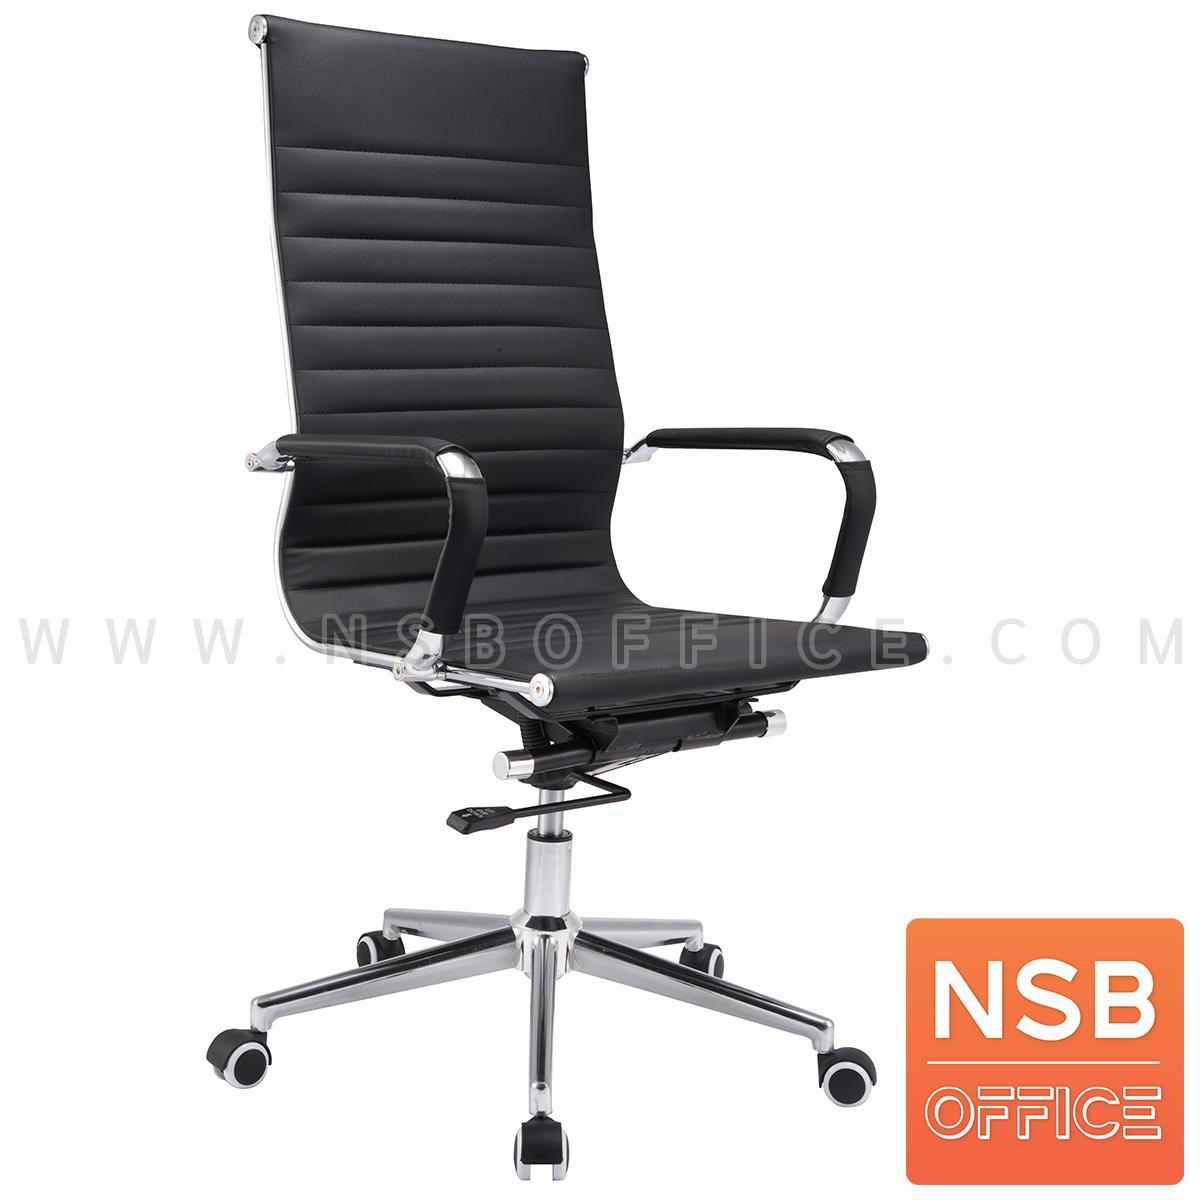 B01A538:เก้าอี้ผู้บริหาร รุ่น Nairobi (ไนโรบี)  โช๊คแก๊ส ก้อนโยก ขาเหล็กชุบโครเมี่ยม